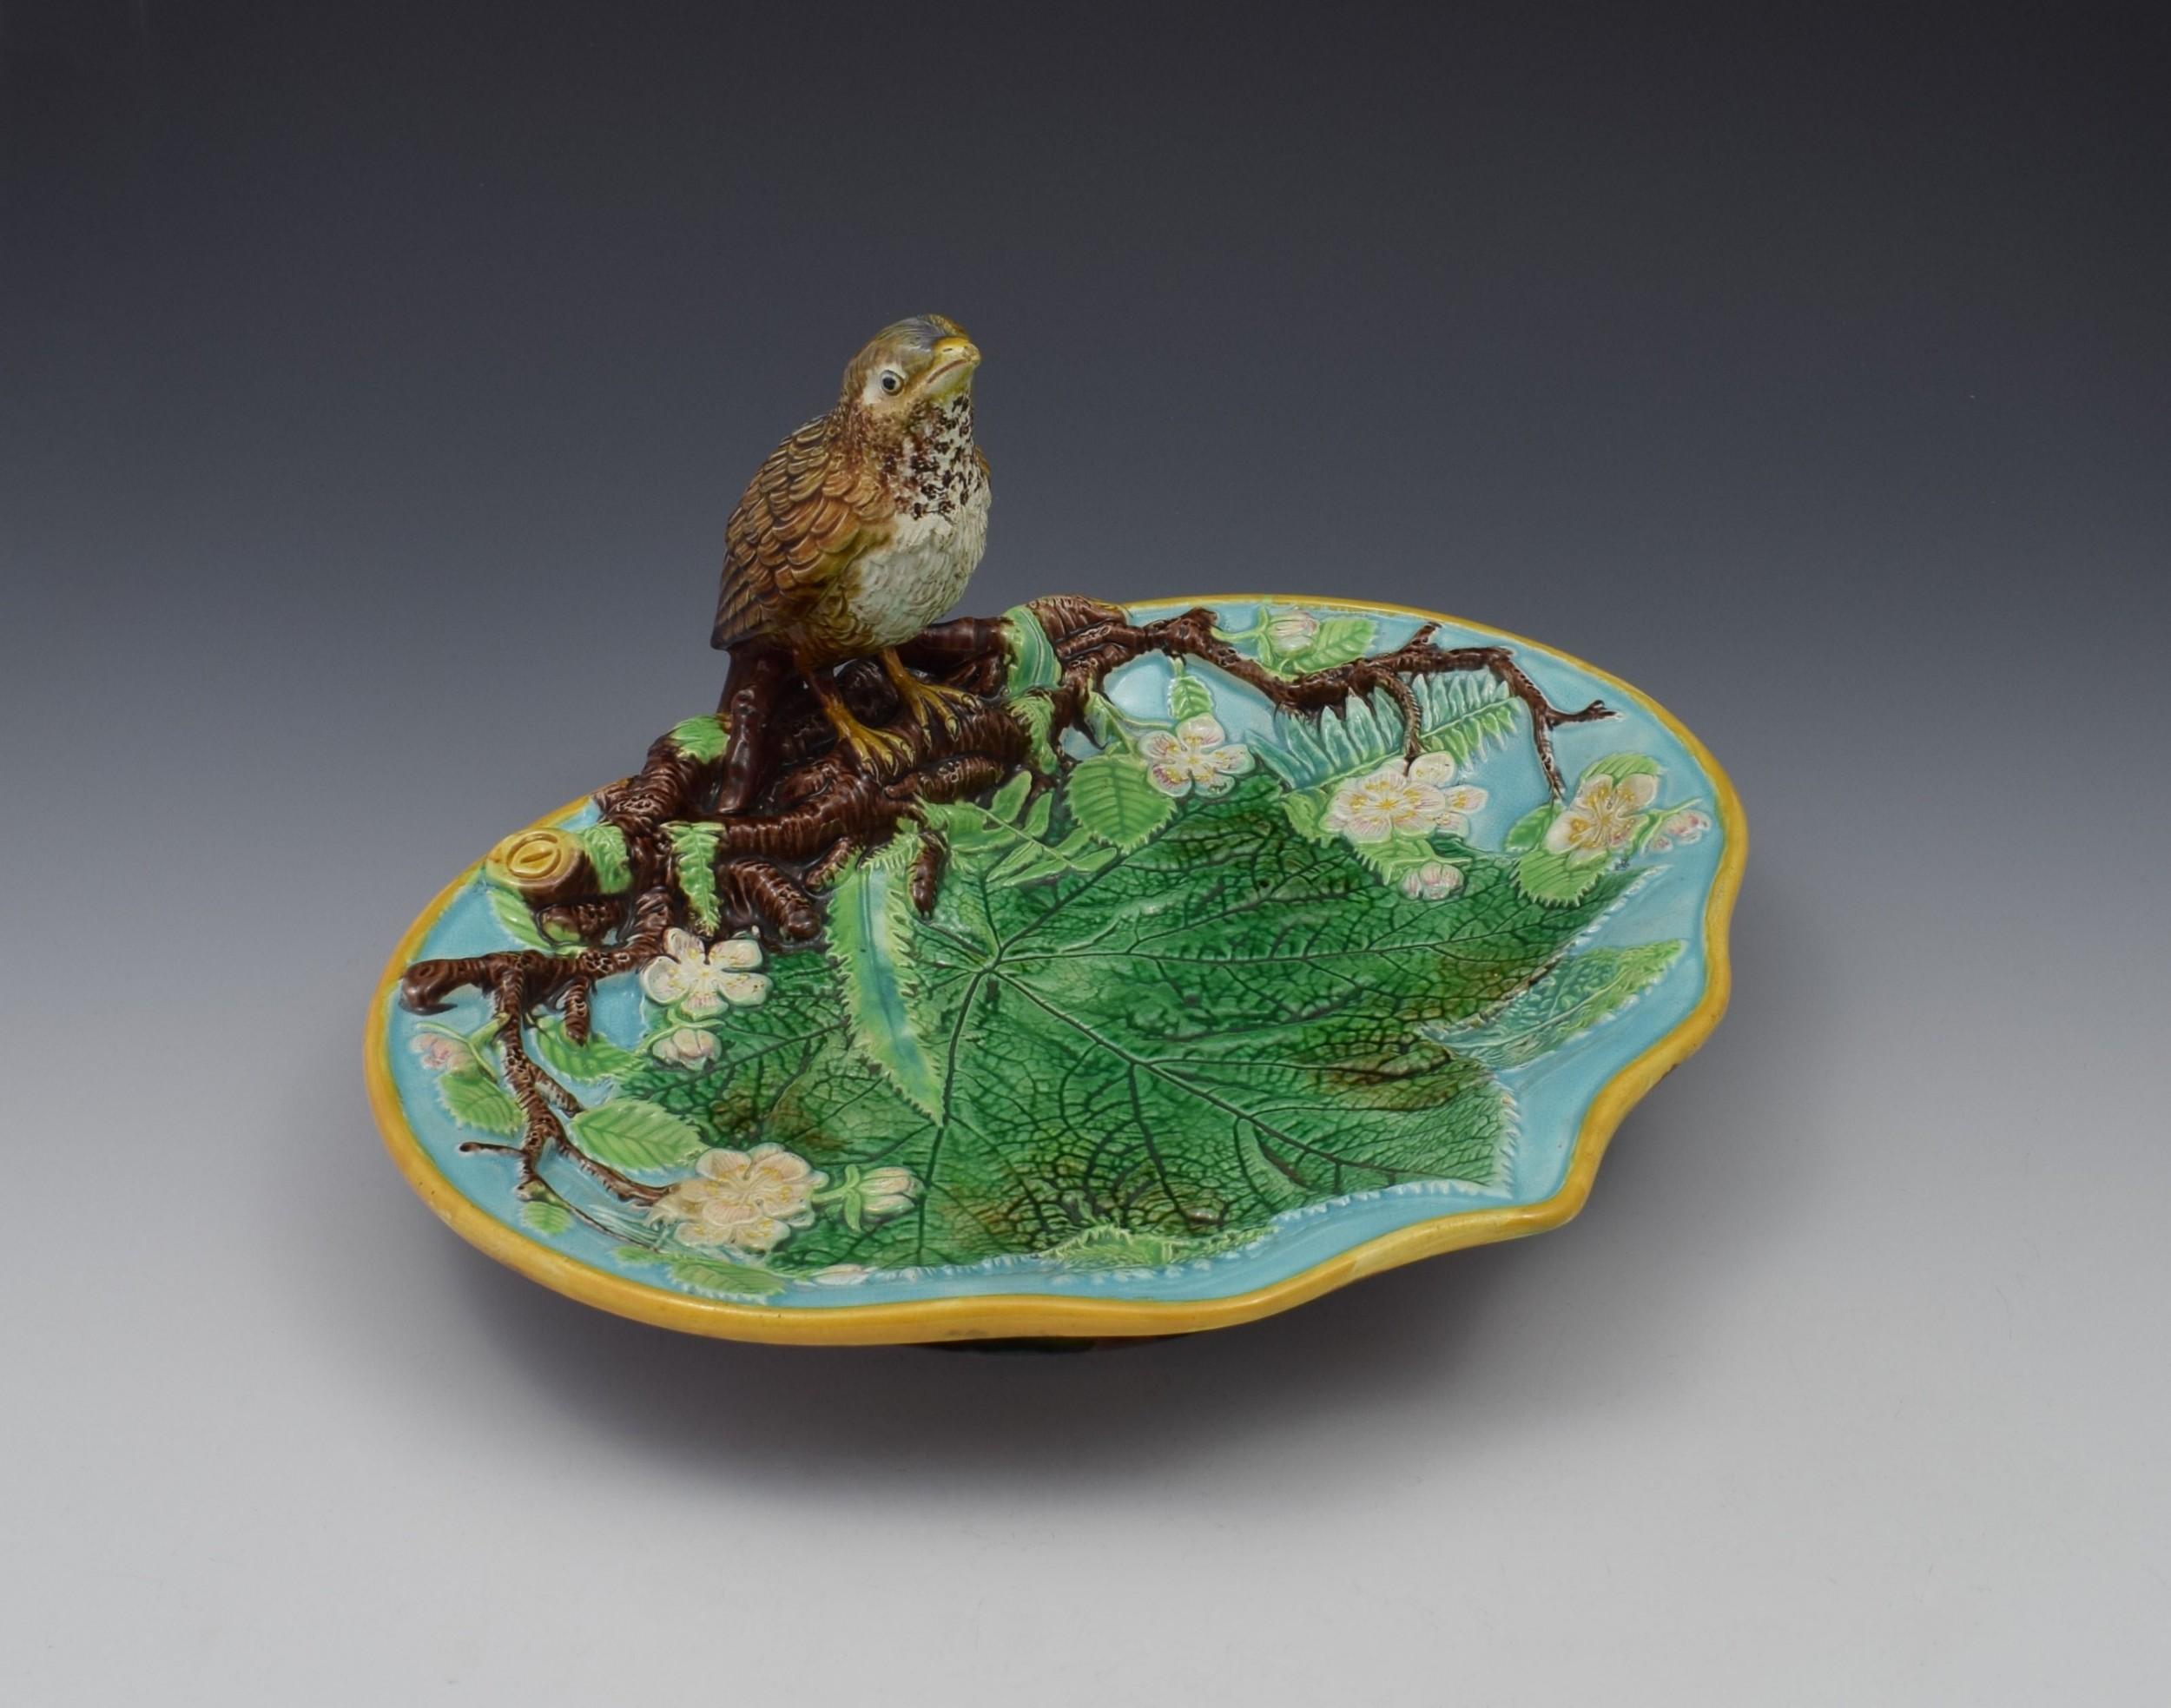 victorian george jones majolica thrush bird tray